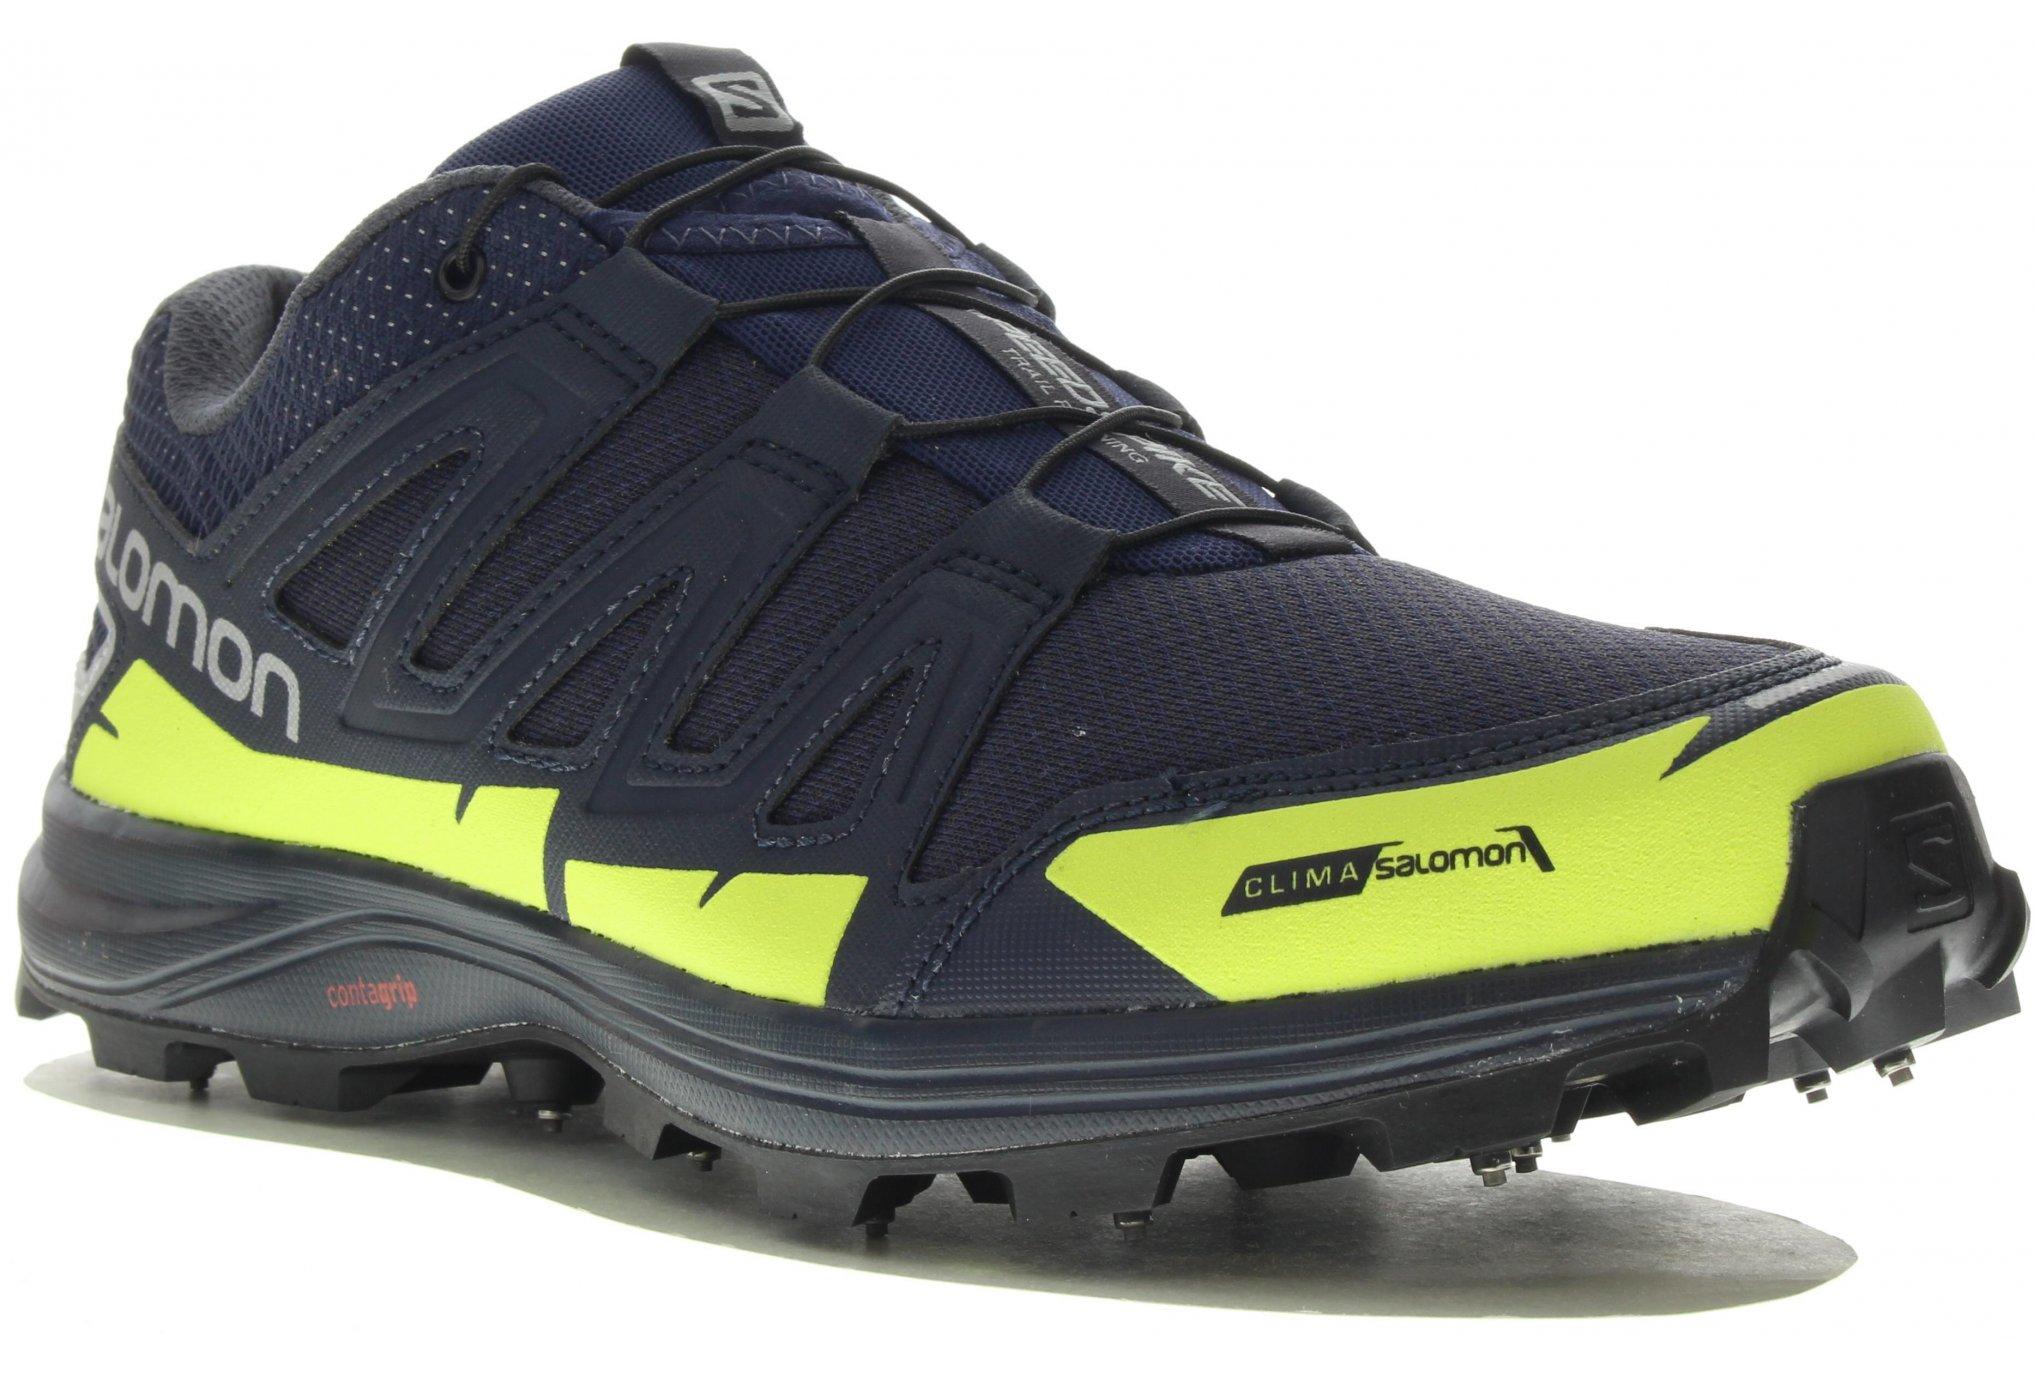 Salomon SpeedSpike ClimaSalomon M Chaussures homme